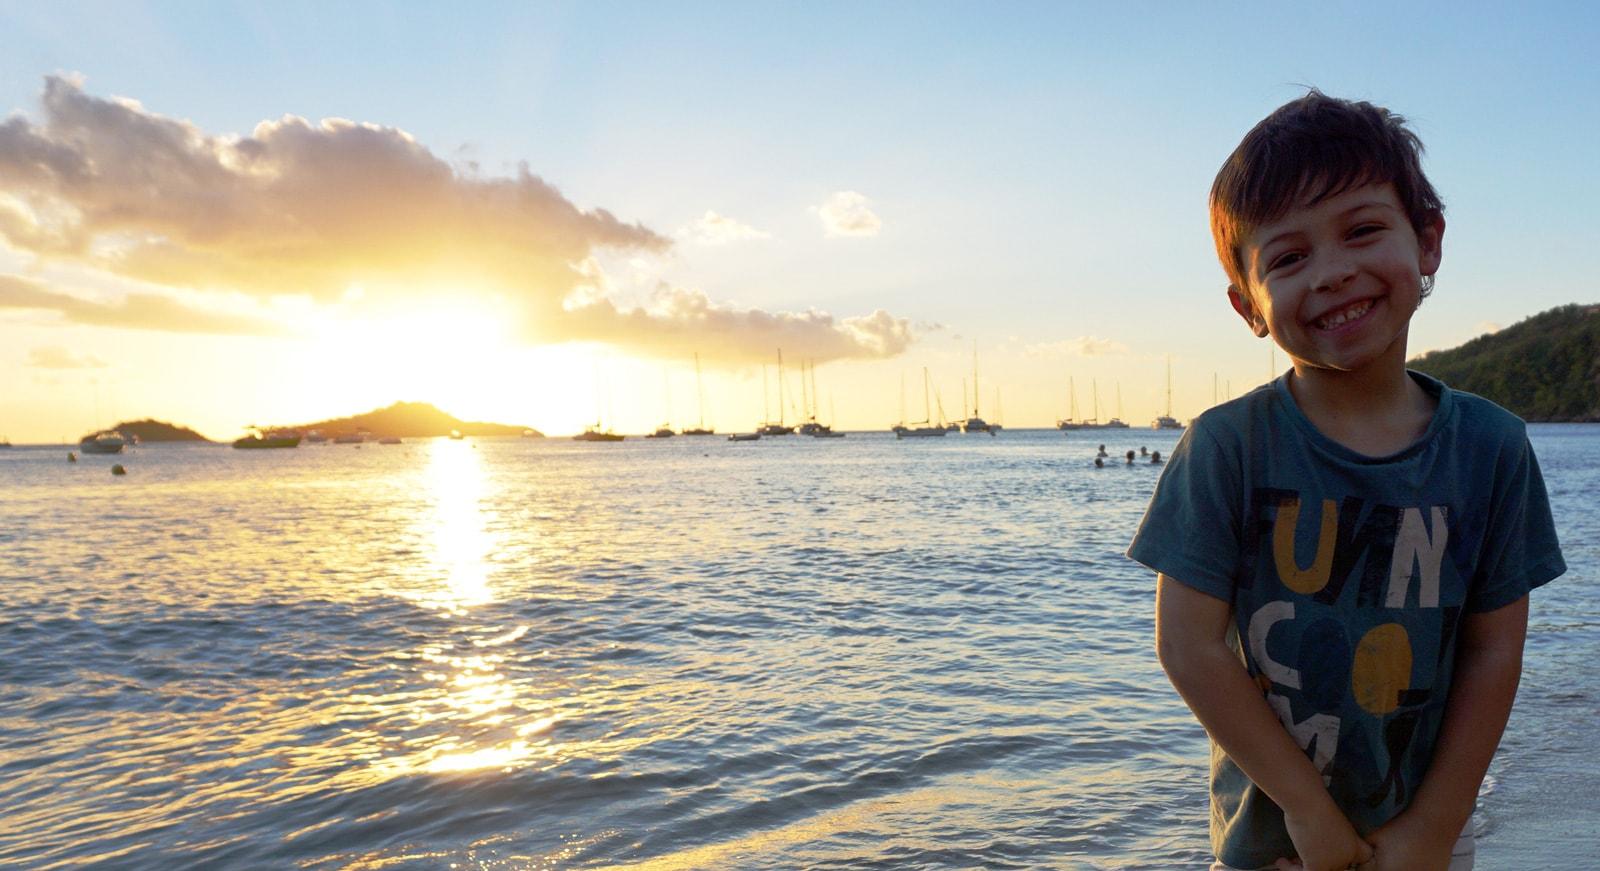 Vacances en famille : que faire en Guadeloupe à Basse-Terre